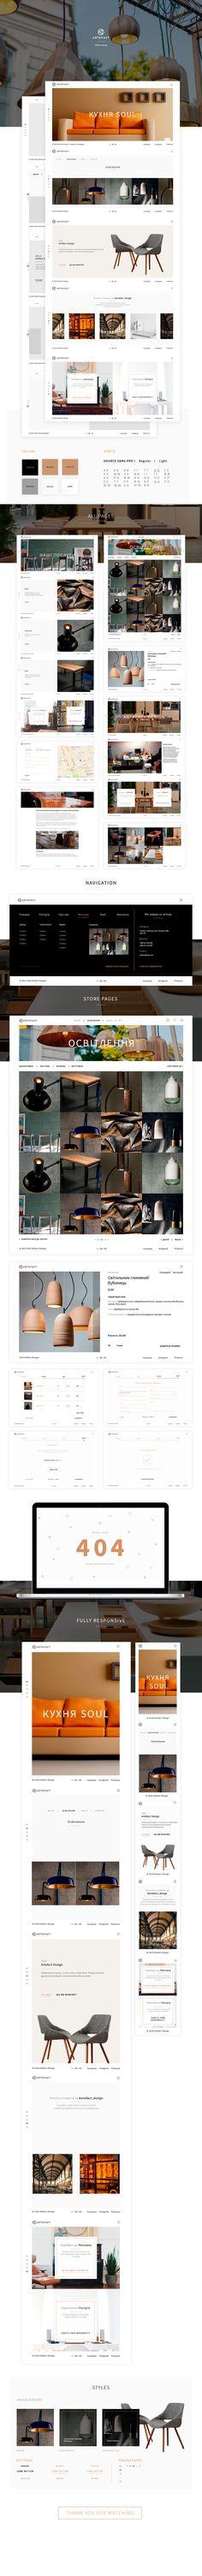 Artefact design - fullpage website, online shop on Behance